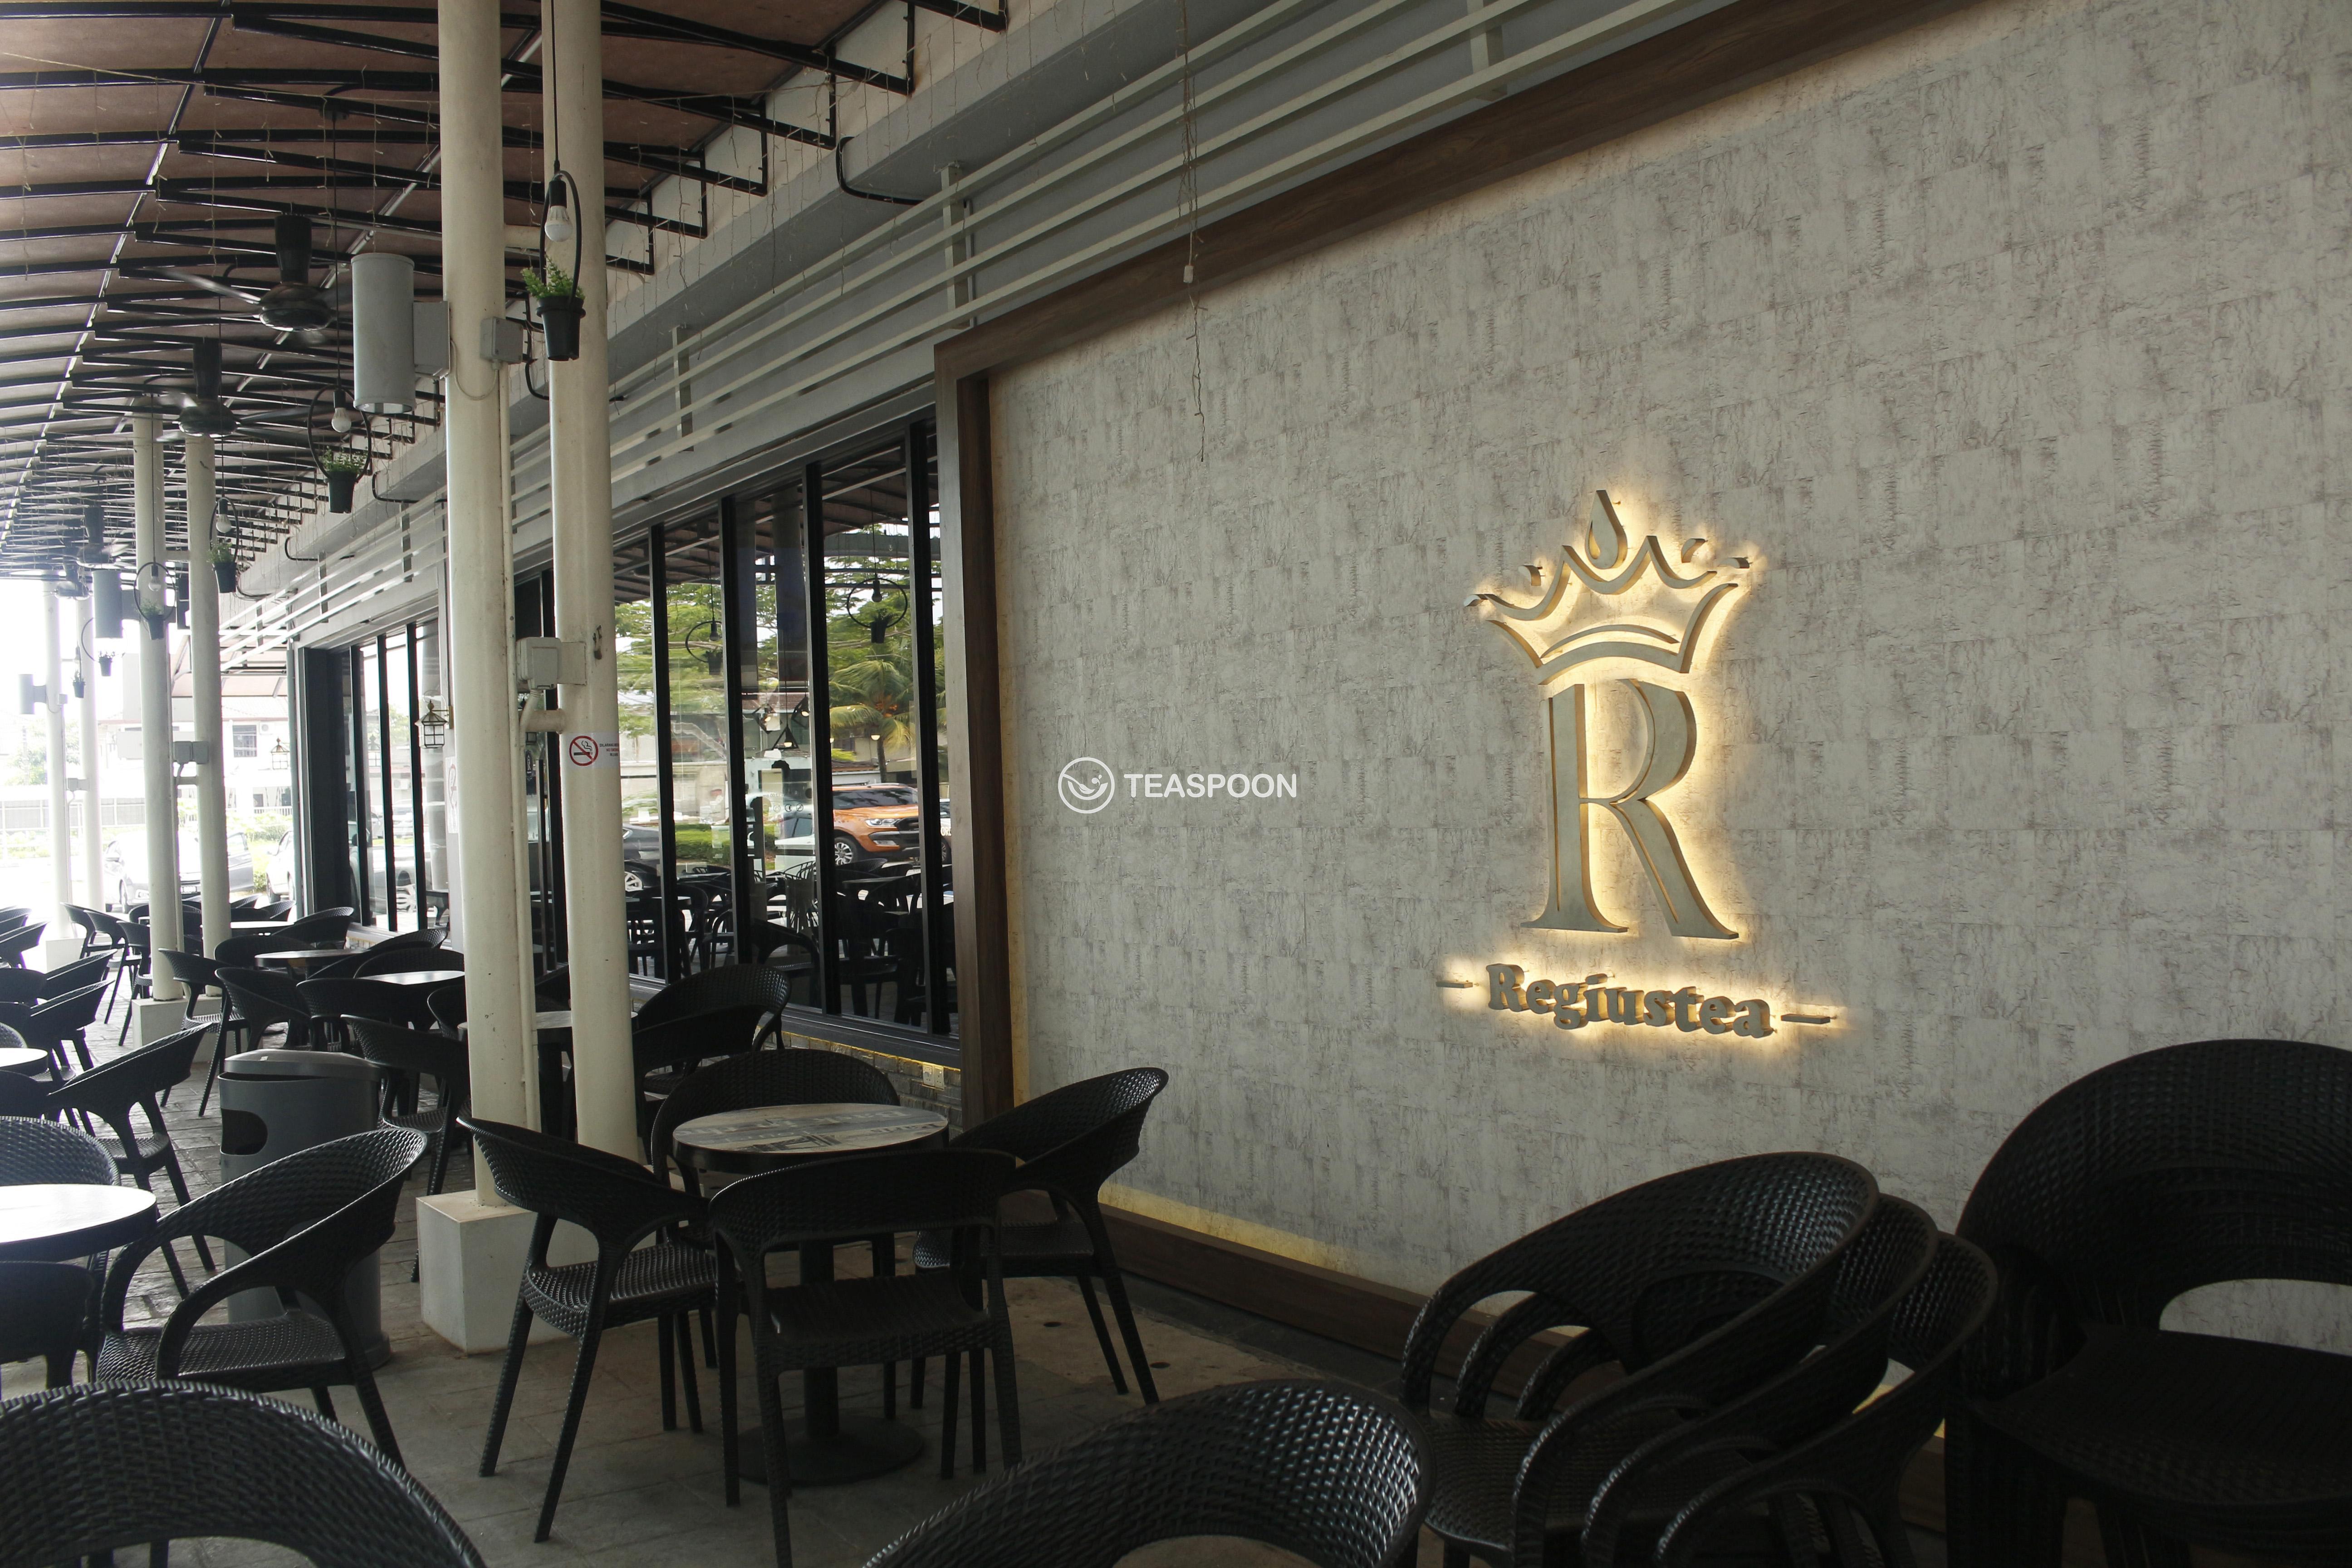 Regiustea (2)